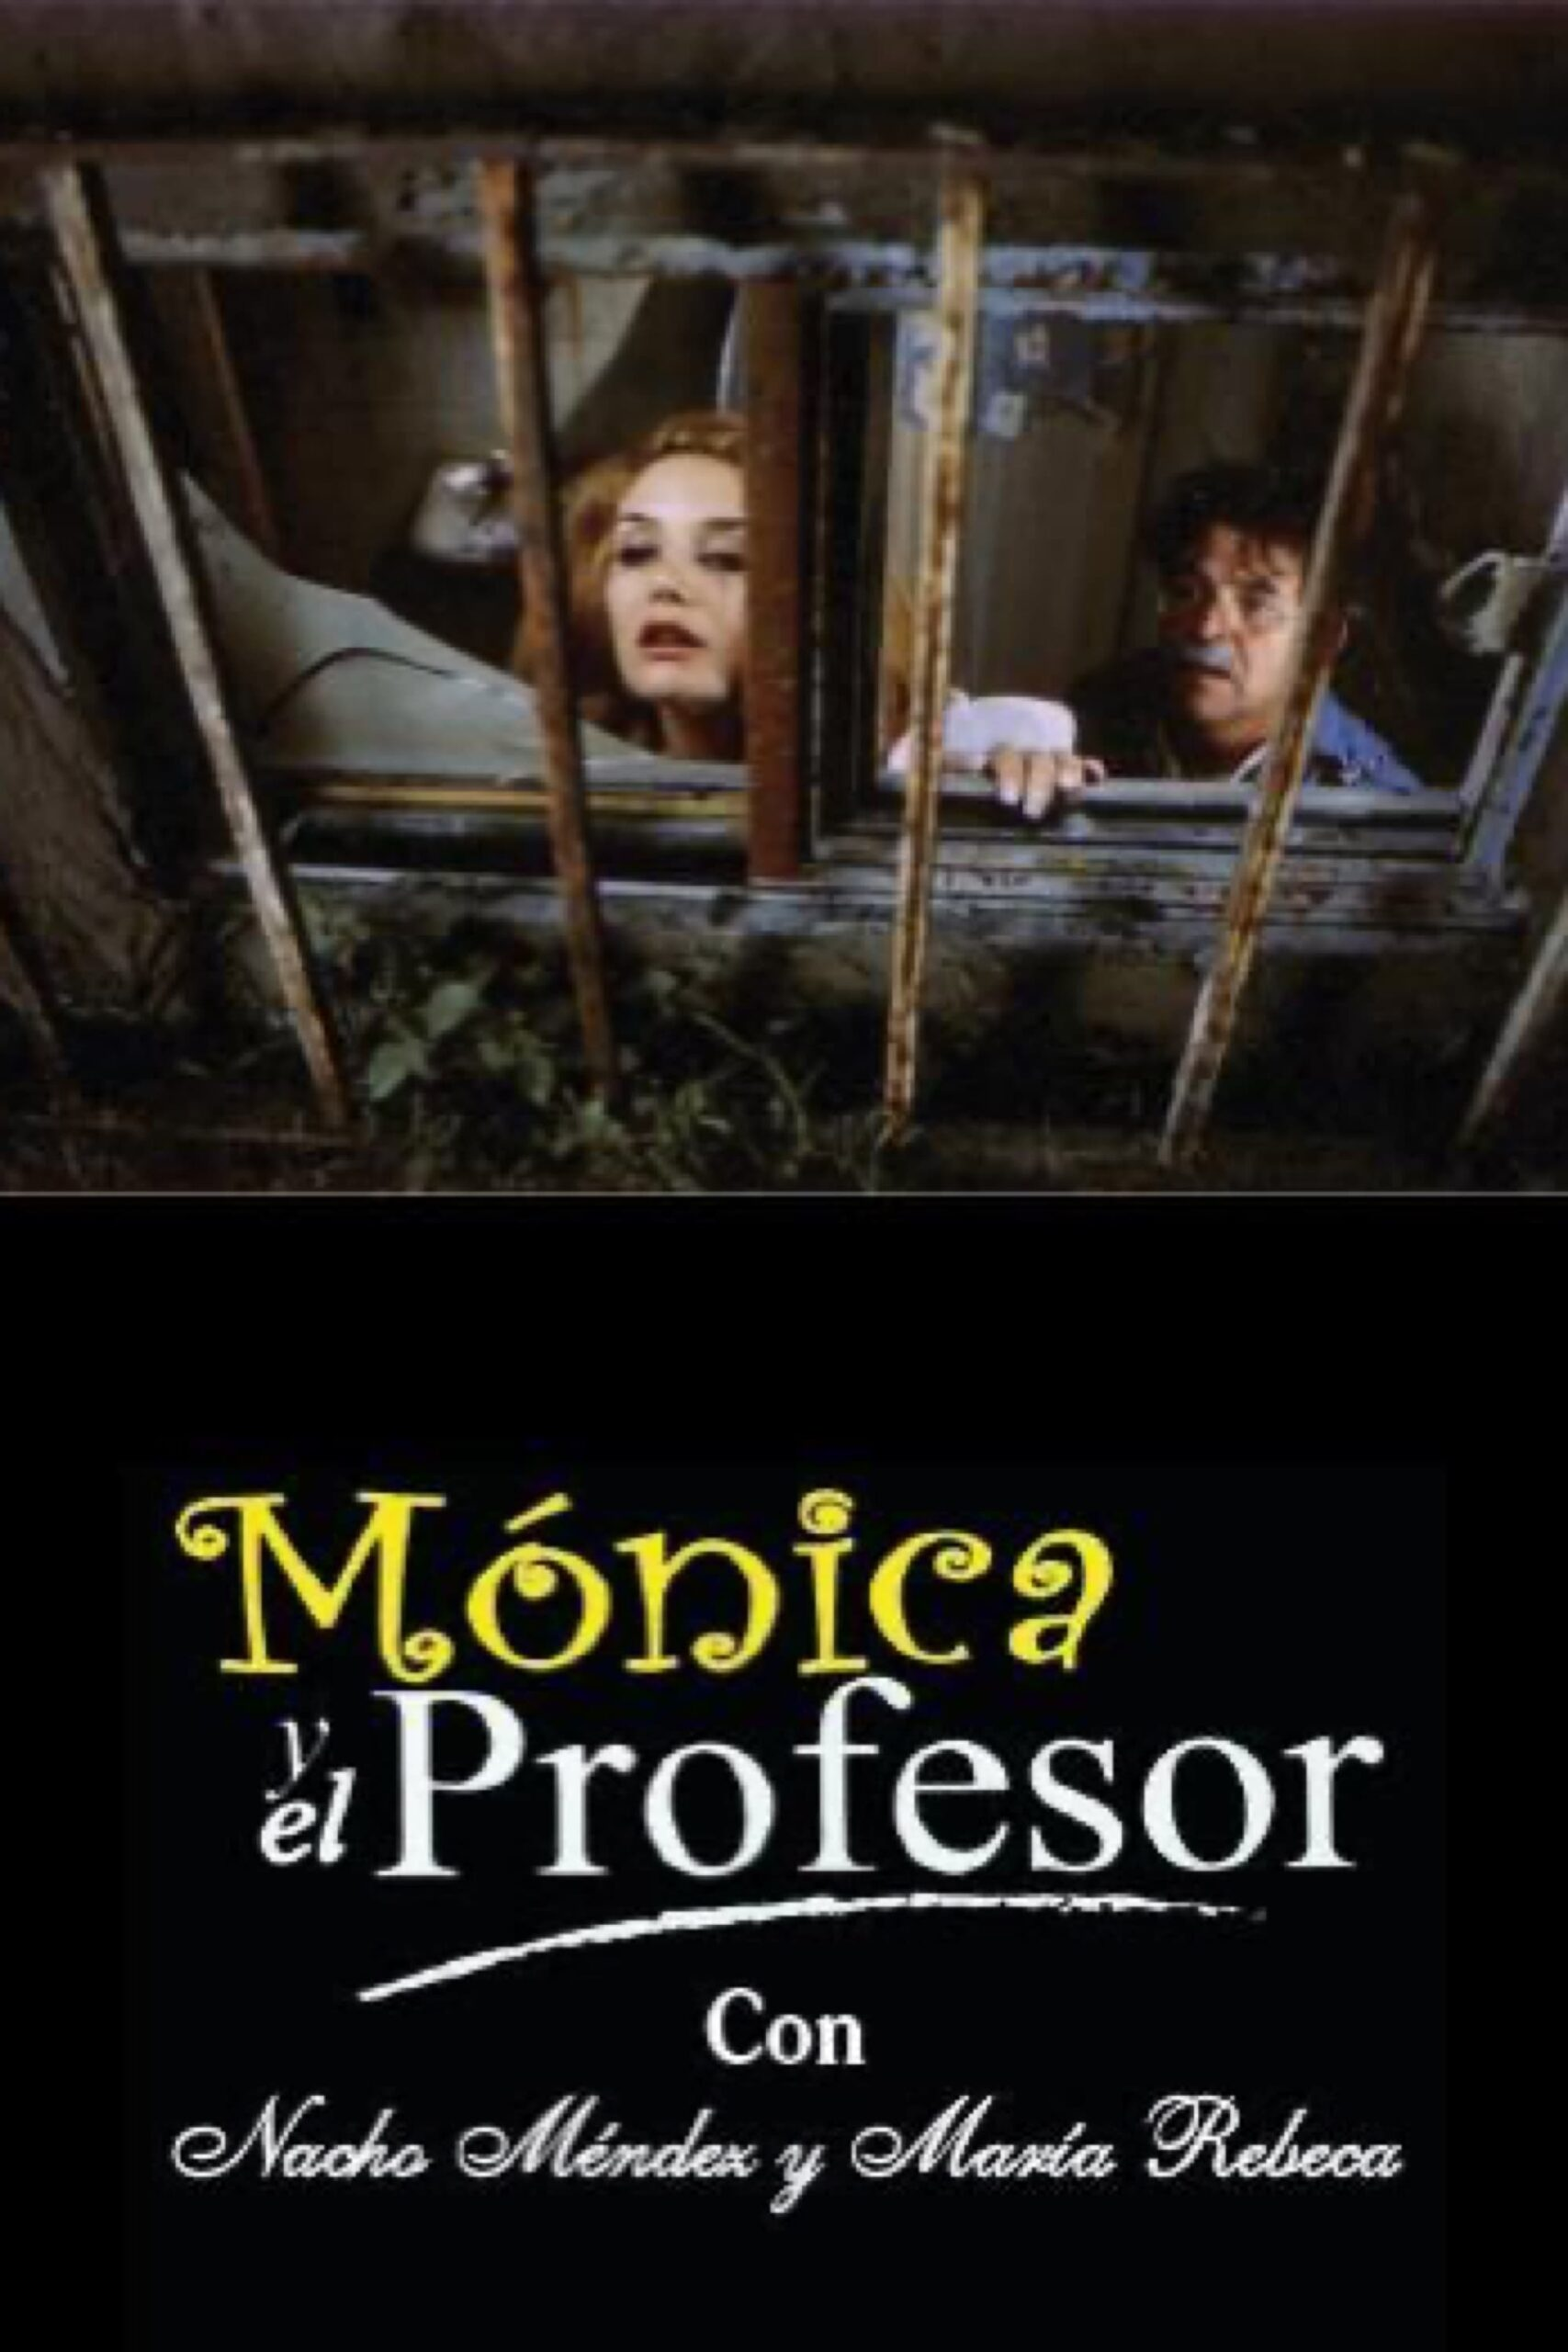 Monica y el profesor Movie Streaming Online